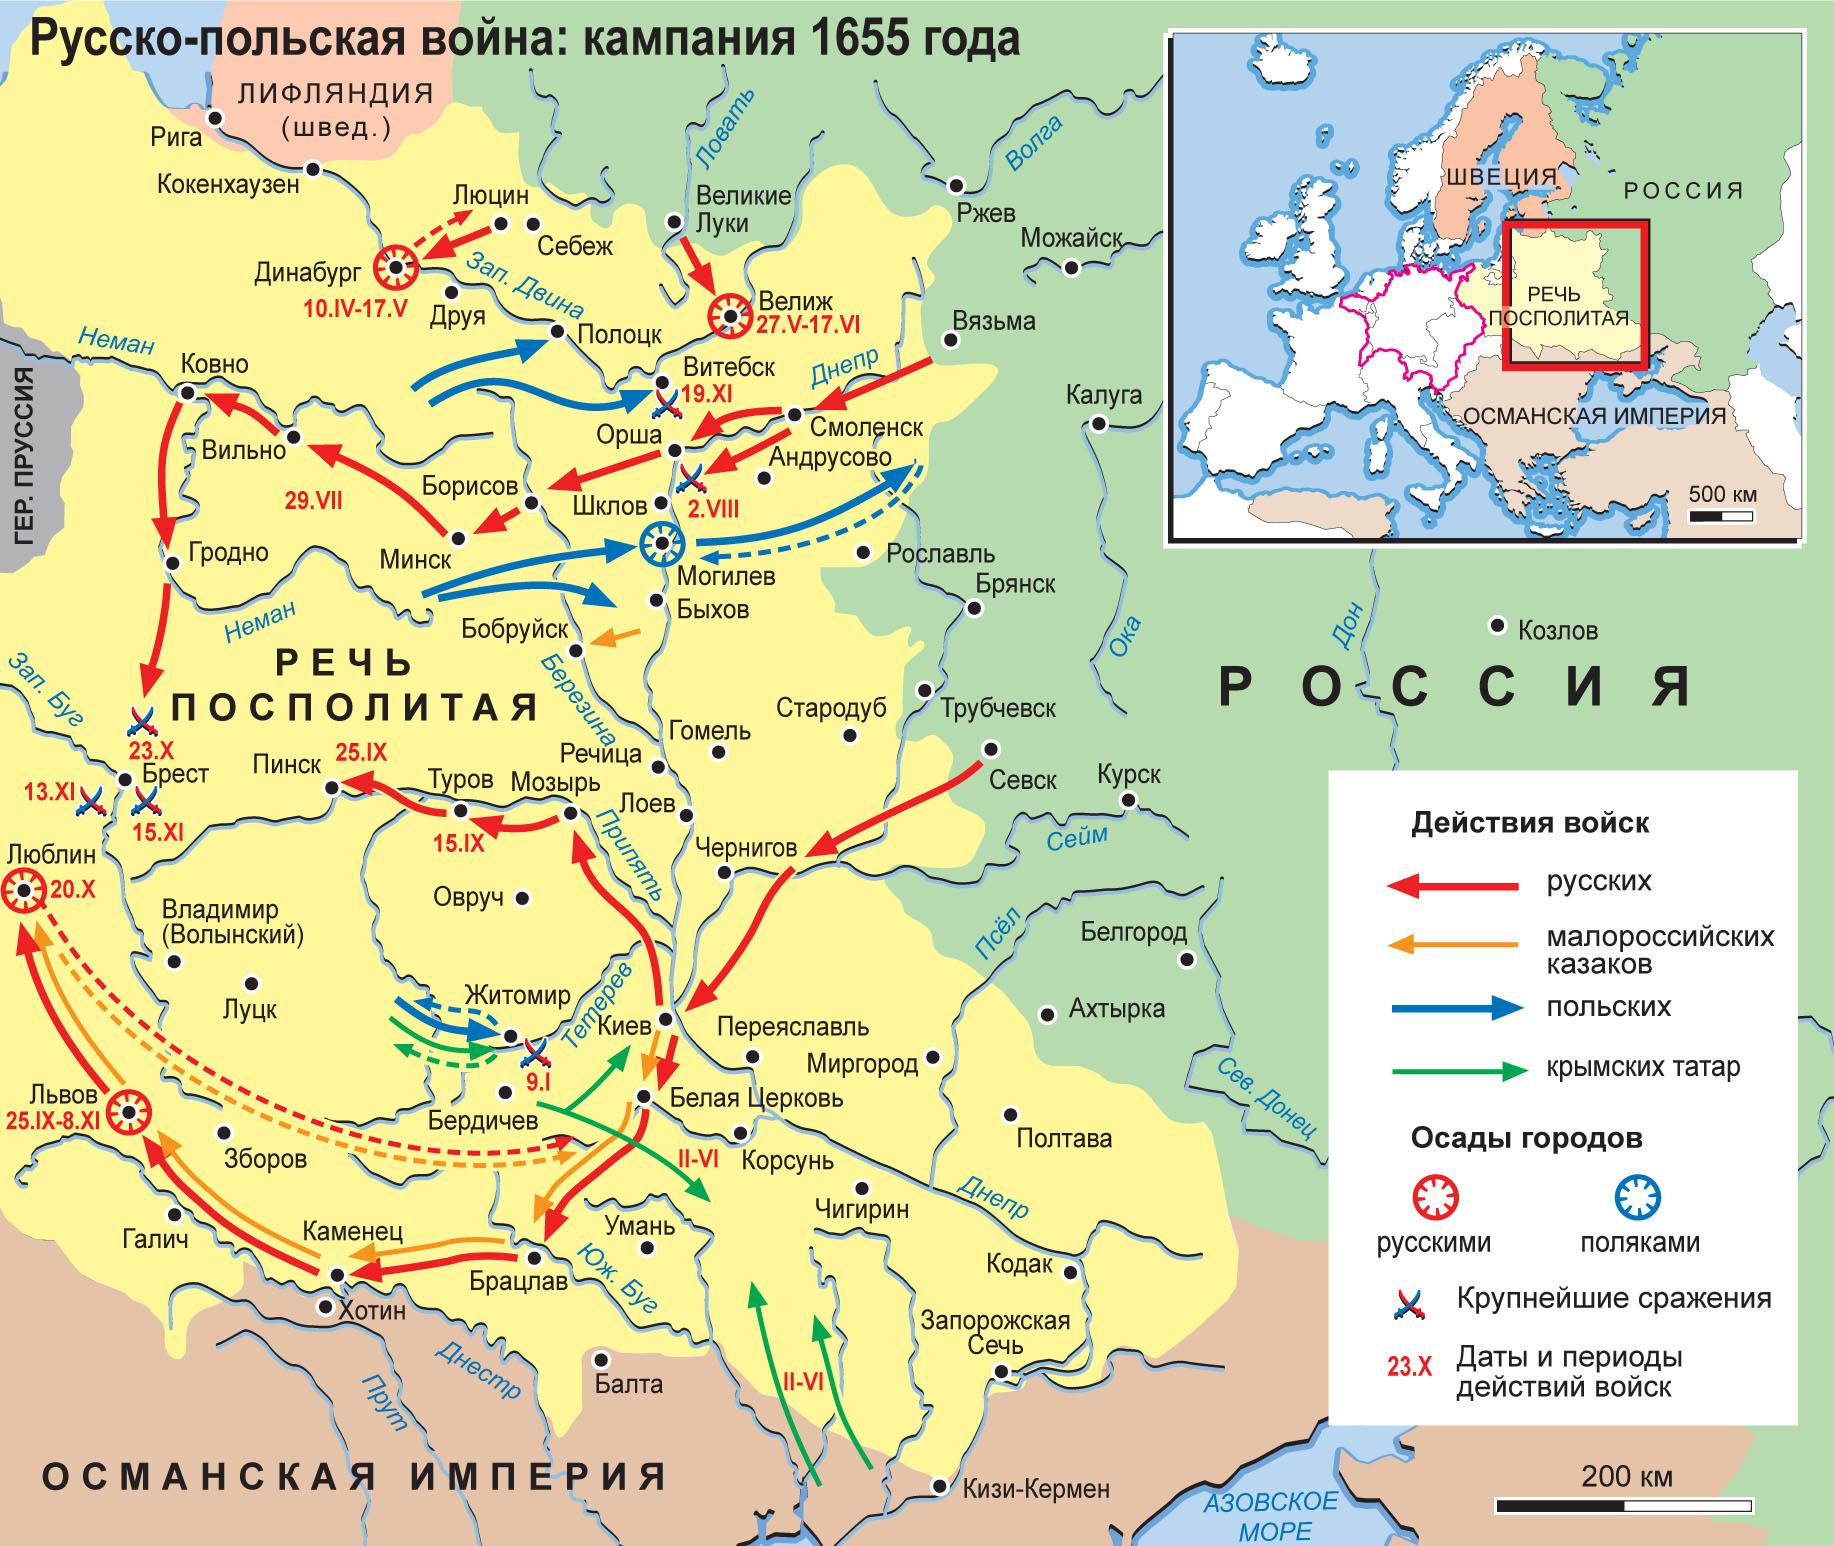 russko-polskaya_voyna_1654-1667__1655